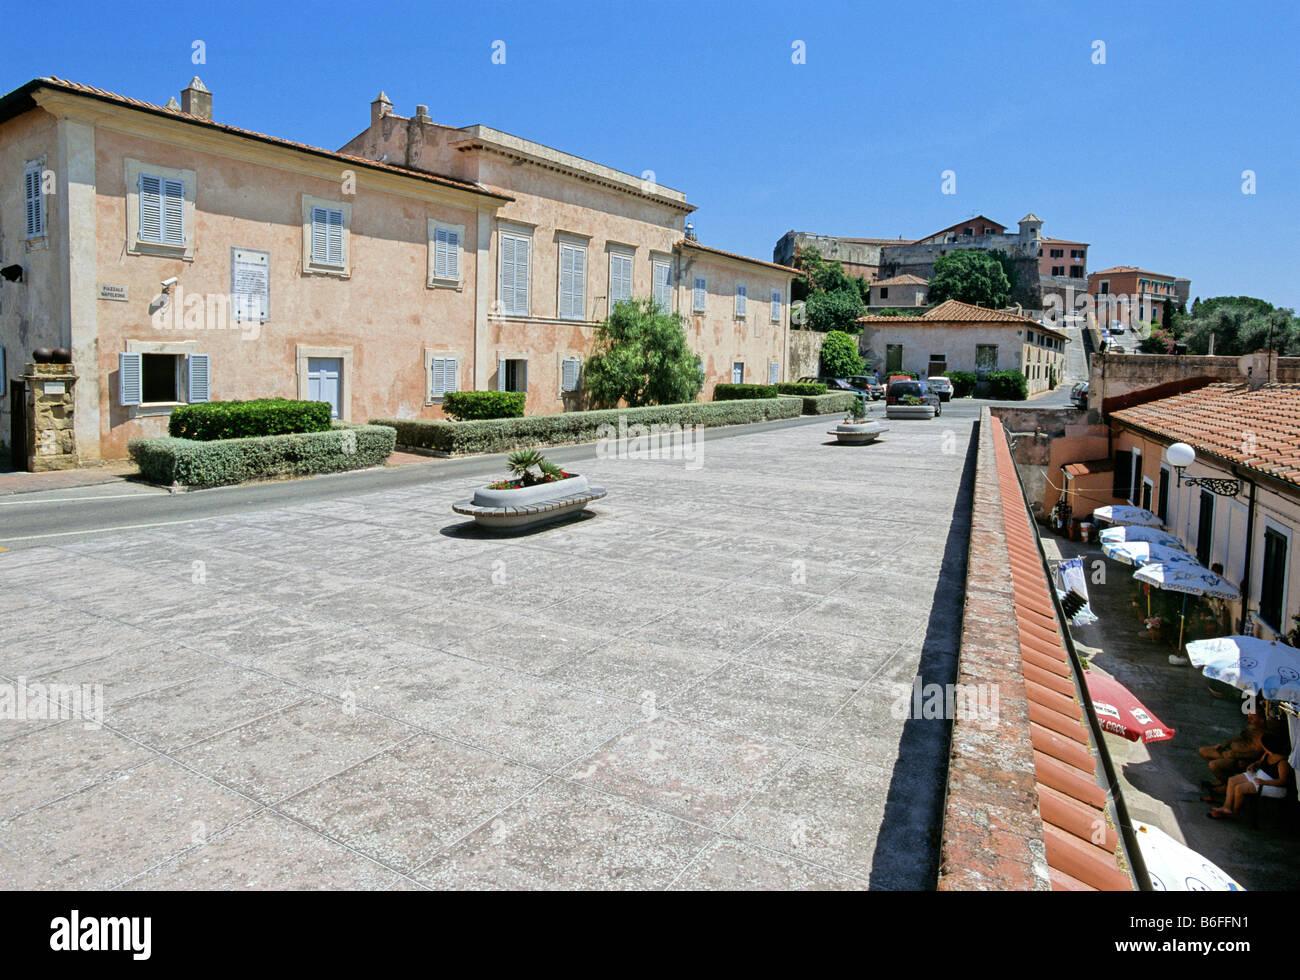 Piazza Napoleone, Palazzina Mulini, Forte Stella above, Portoferraio, Island of Elba, province of Livorno, Tuscany, Stock Photo